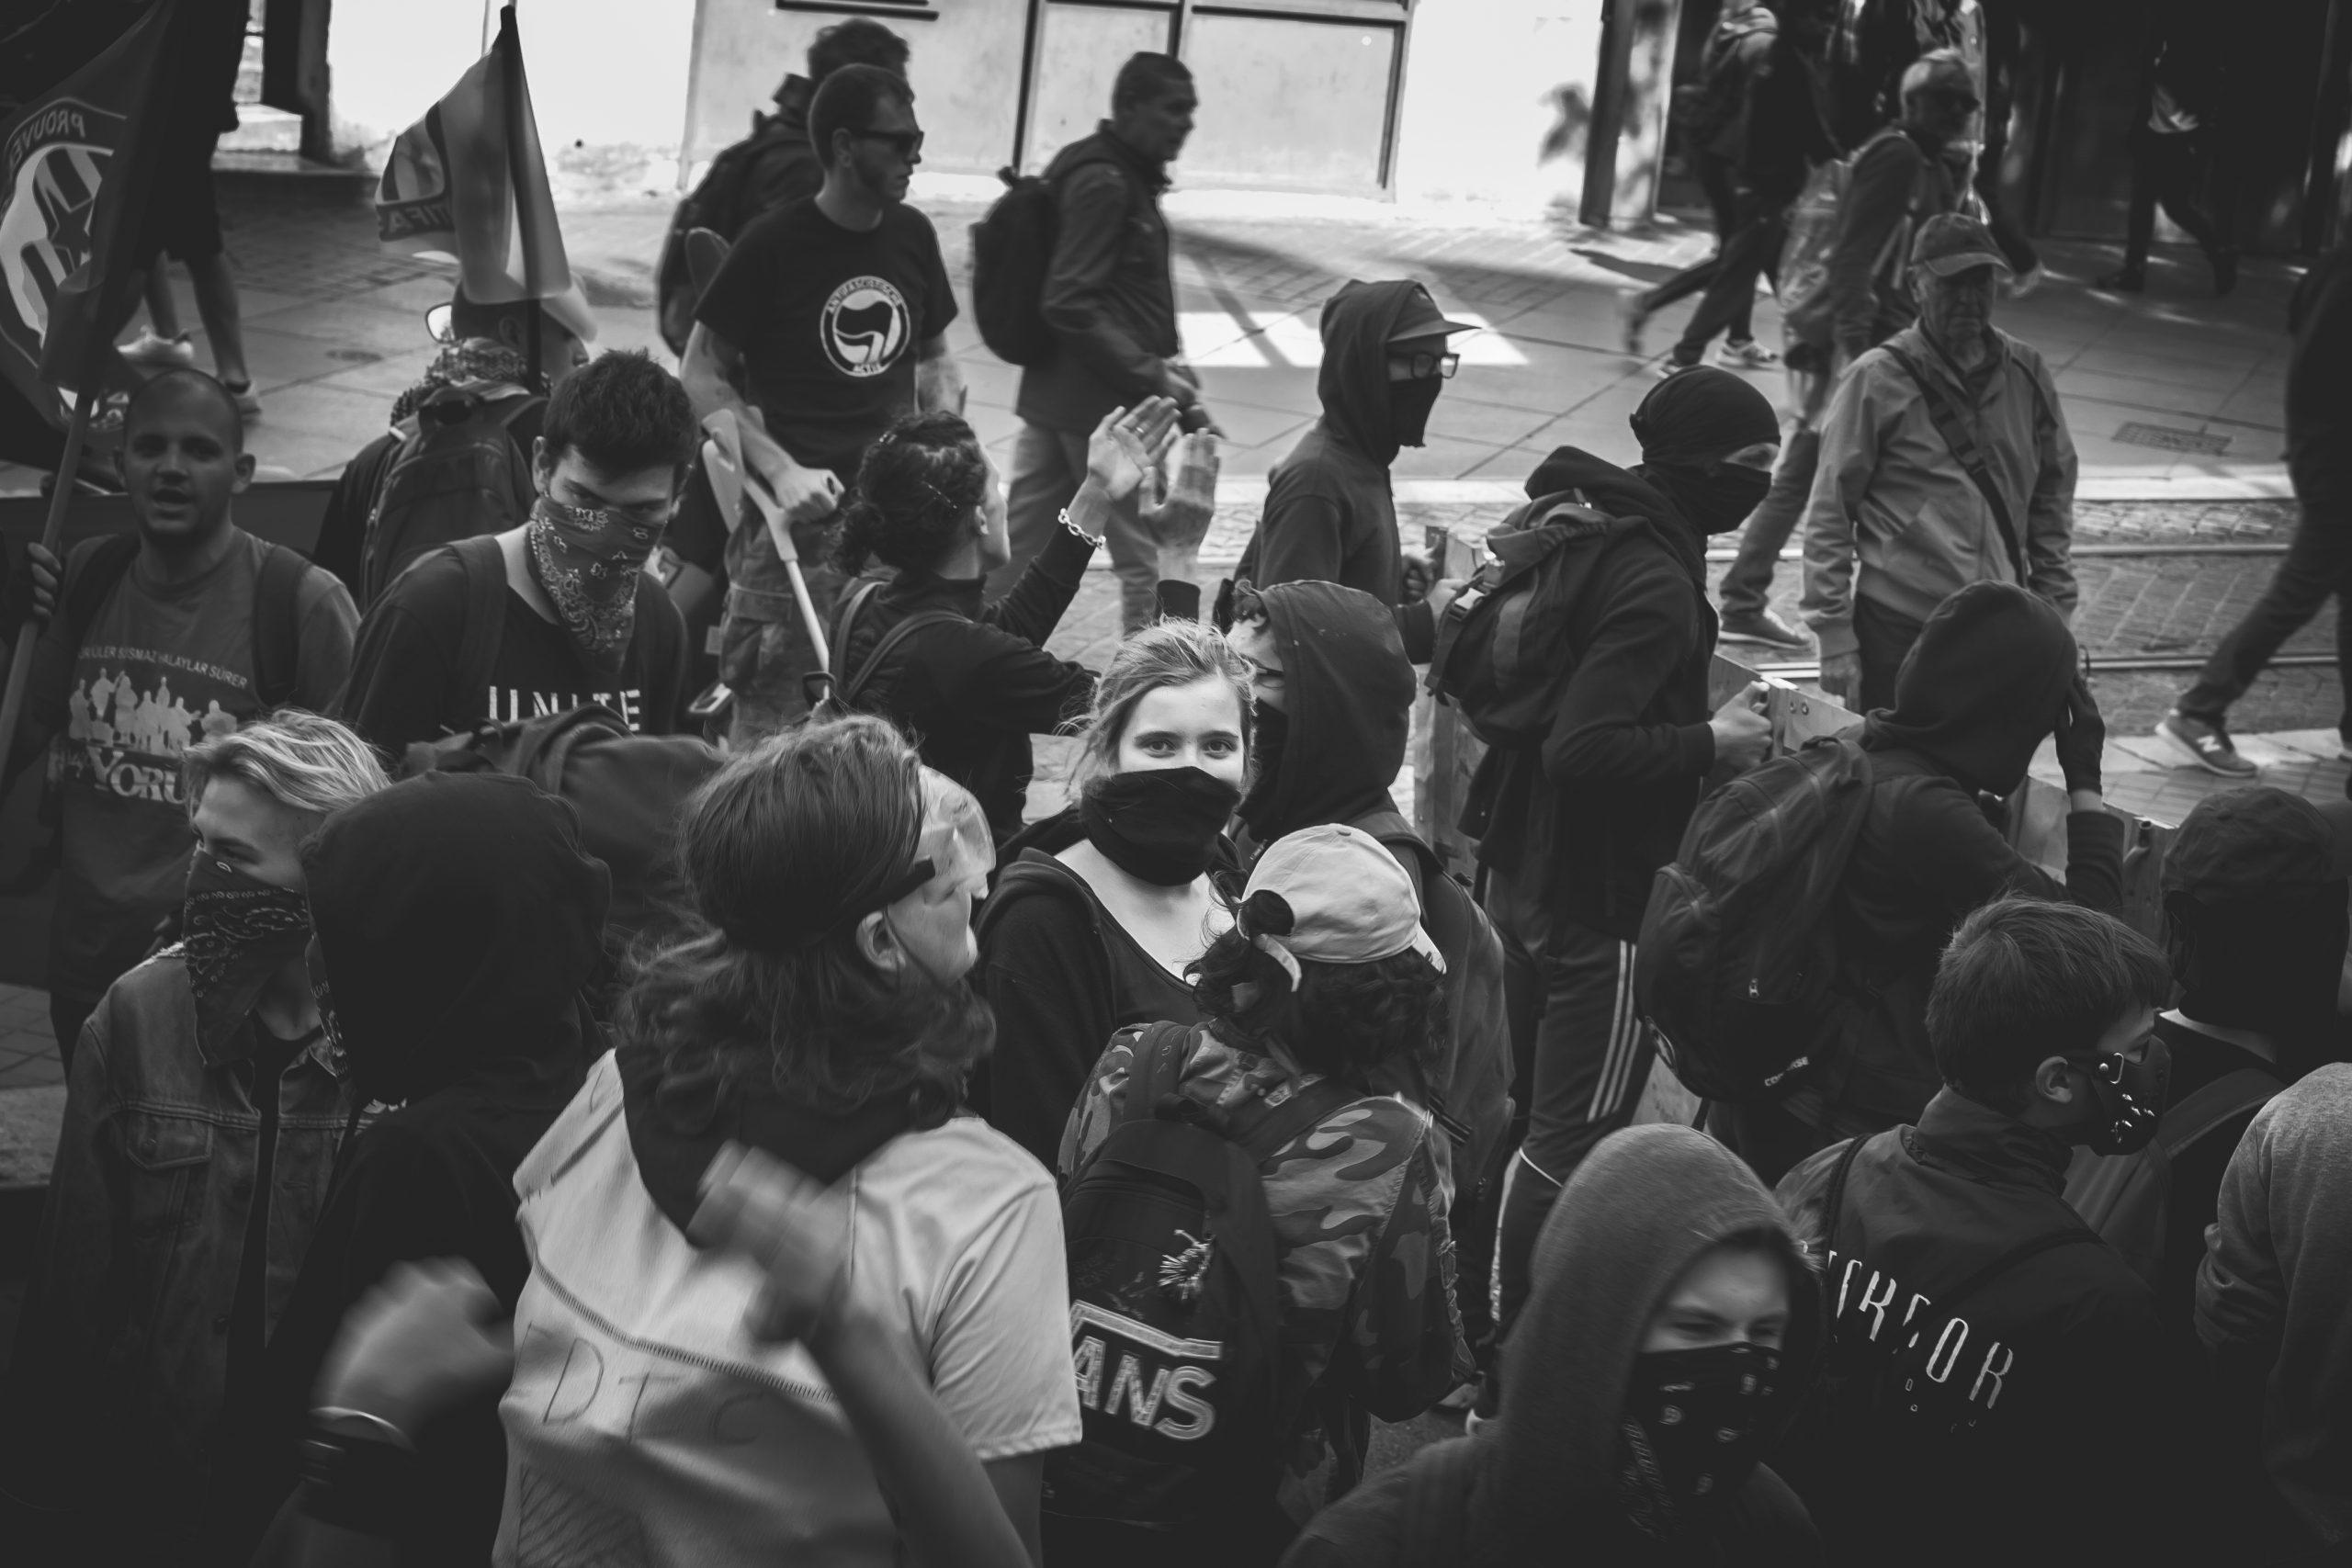 [Photographie de reportage] Manifestation loi travail v2, Marseille